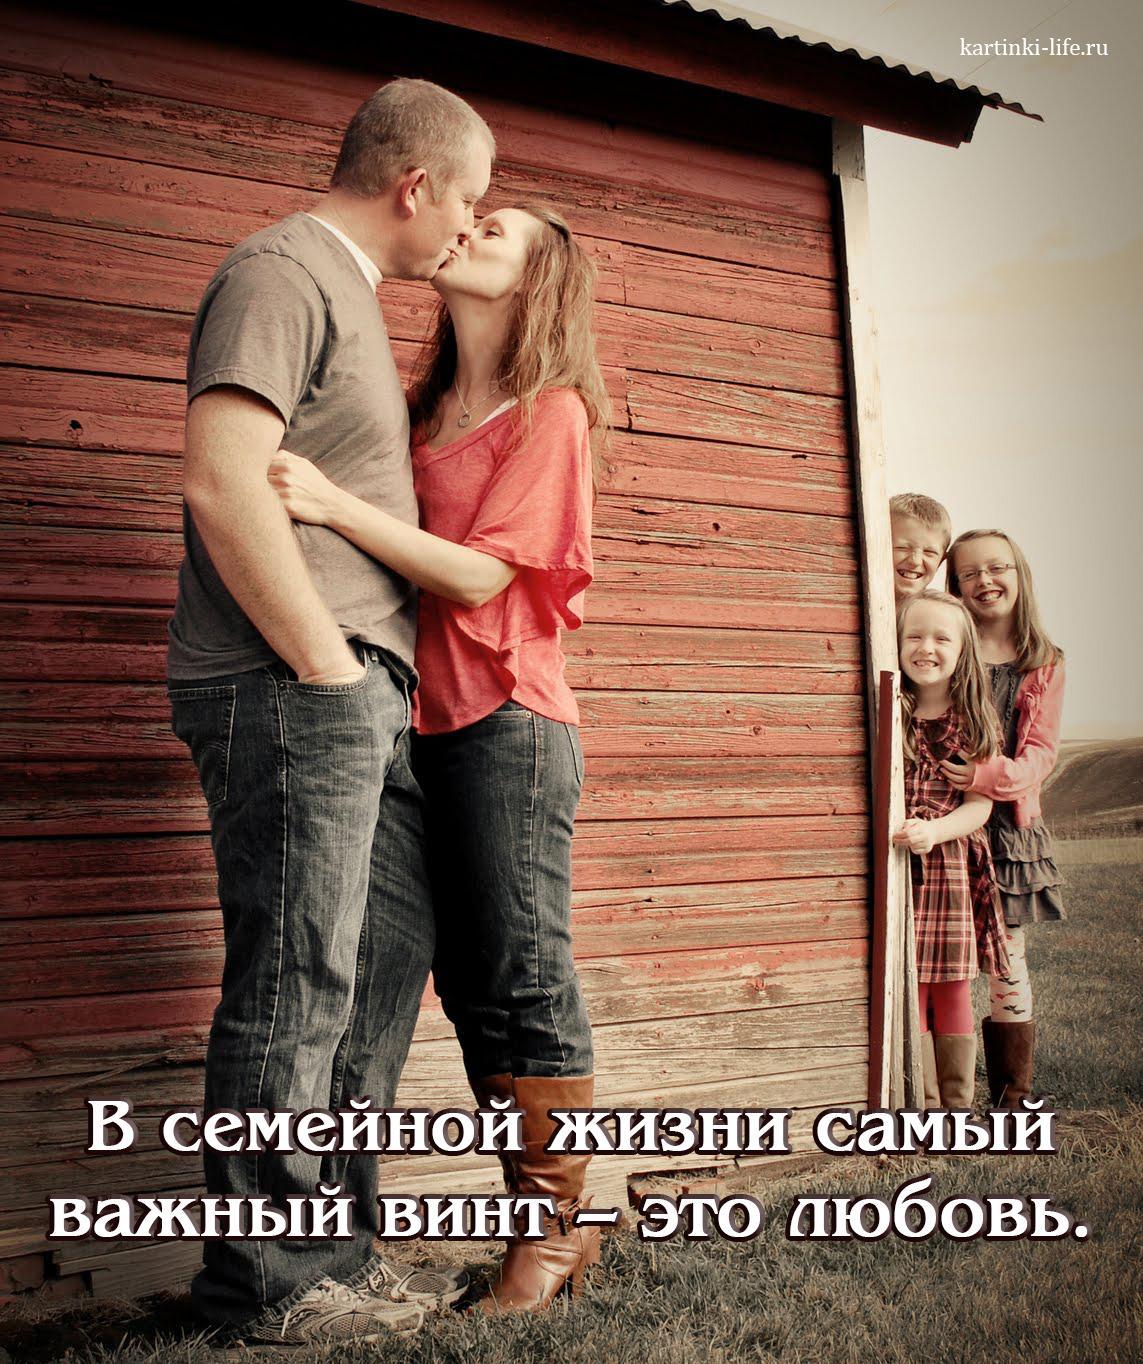 В семейной жизни самый важный винт – это любовь.